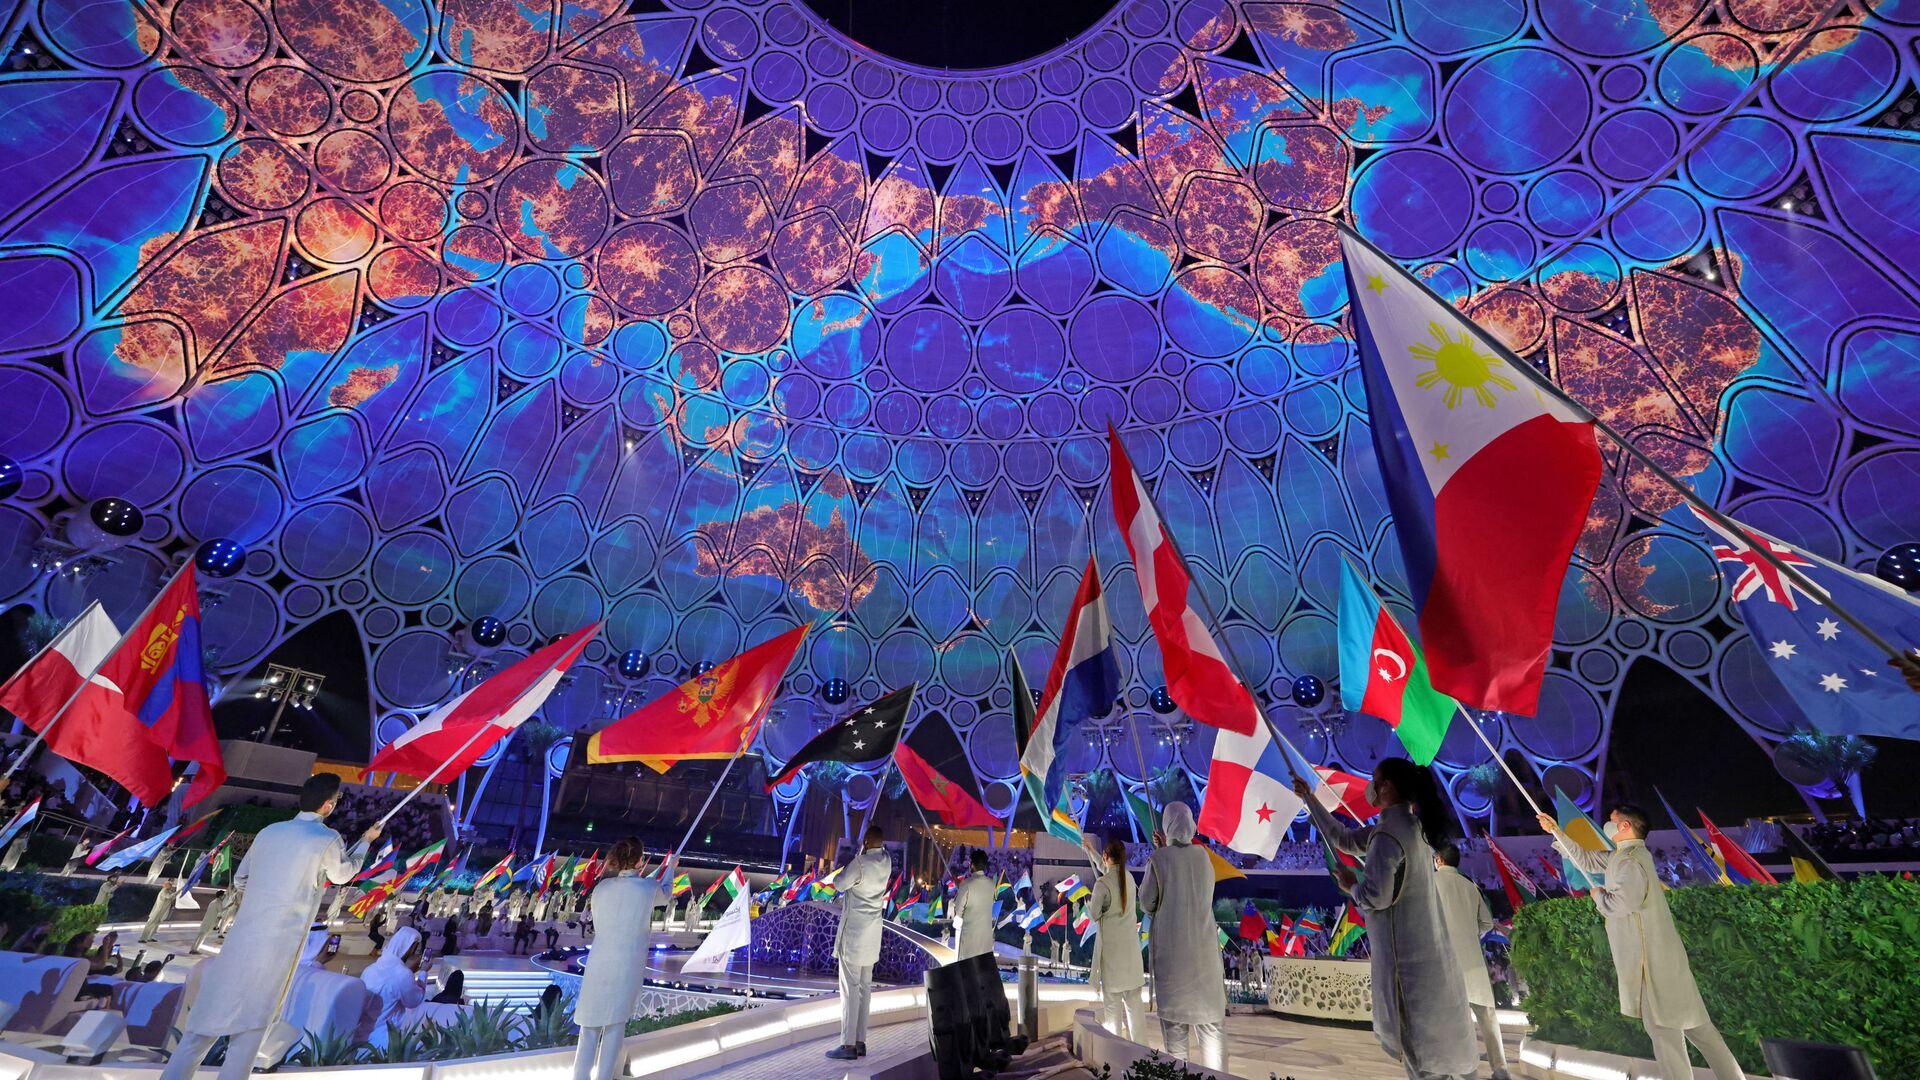 Dubayda ümumdünya Expo-2020 sərgisi  - Sputnik Azərbaycan, 1920, 01.10.2021